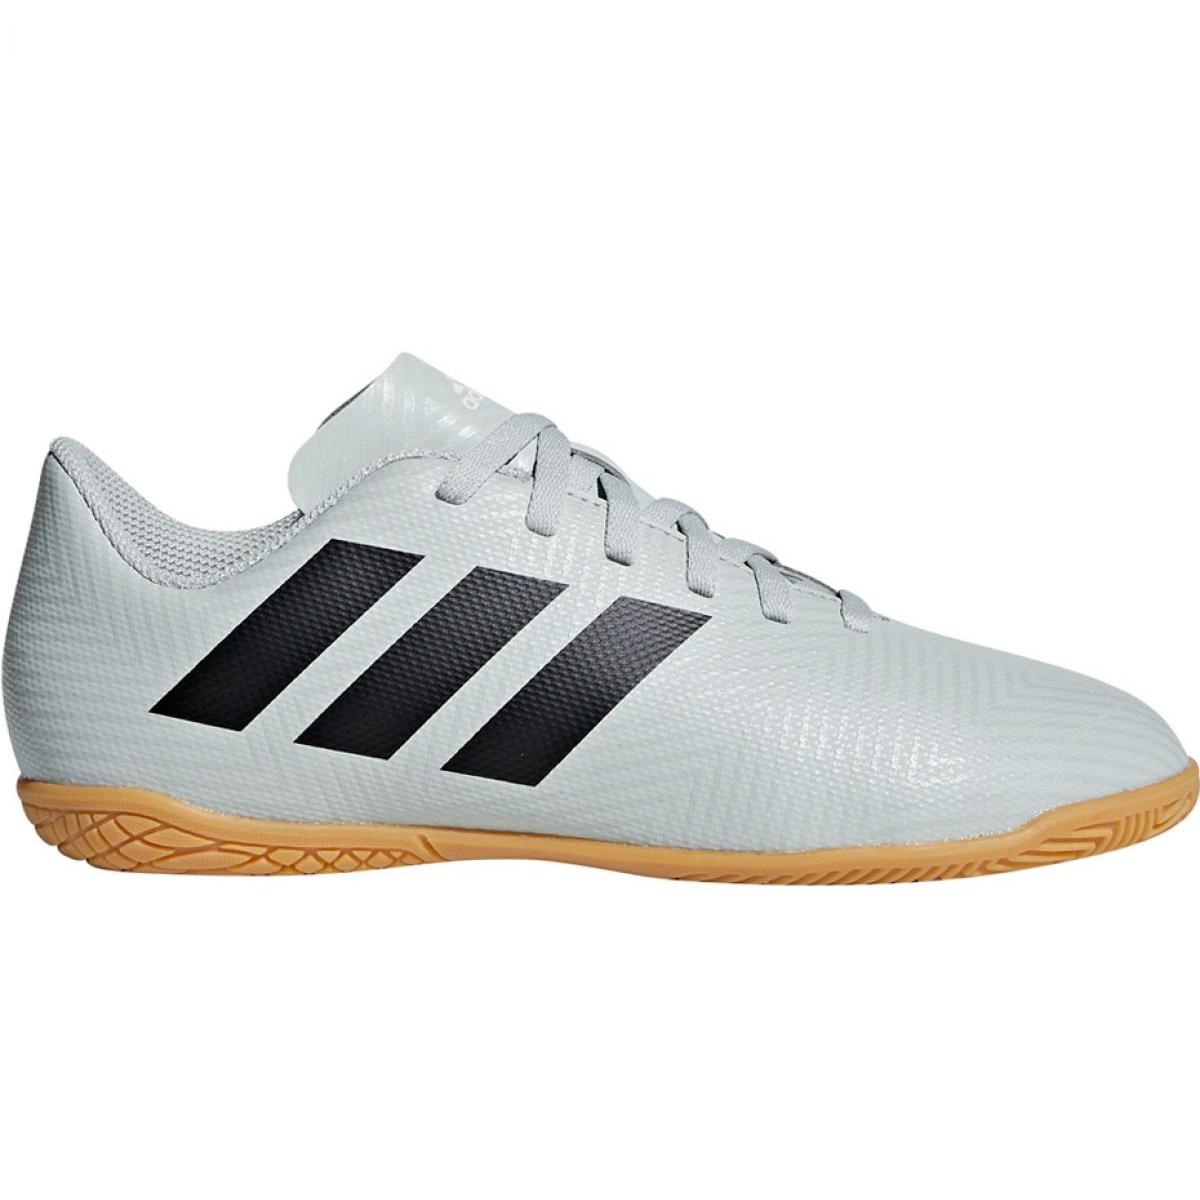 Buty halowe adidas Nemeziz Tango 18.4 In Jr DB2383 białe biały